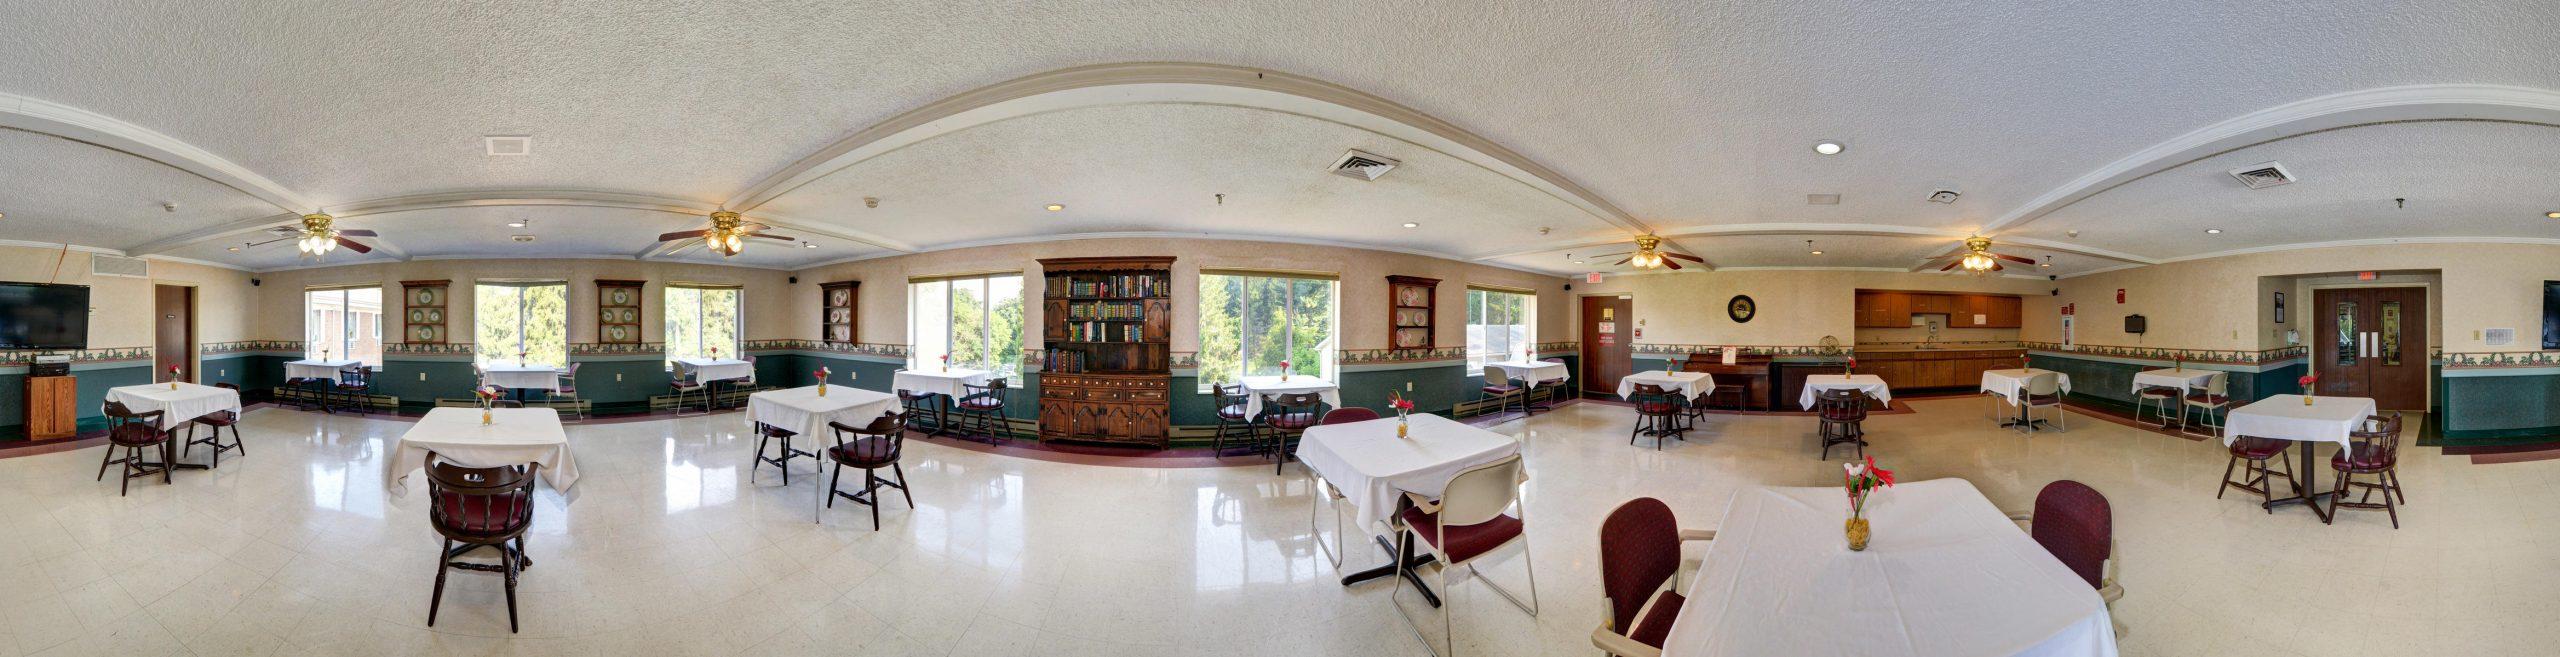 Panoramic view of Stonerise Wellsburg dining room